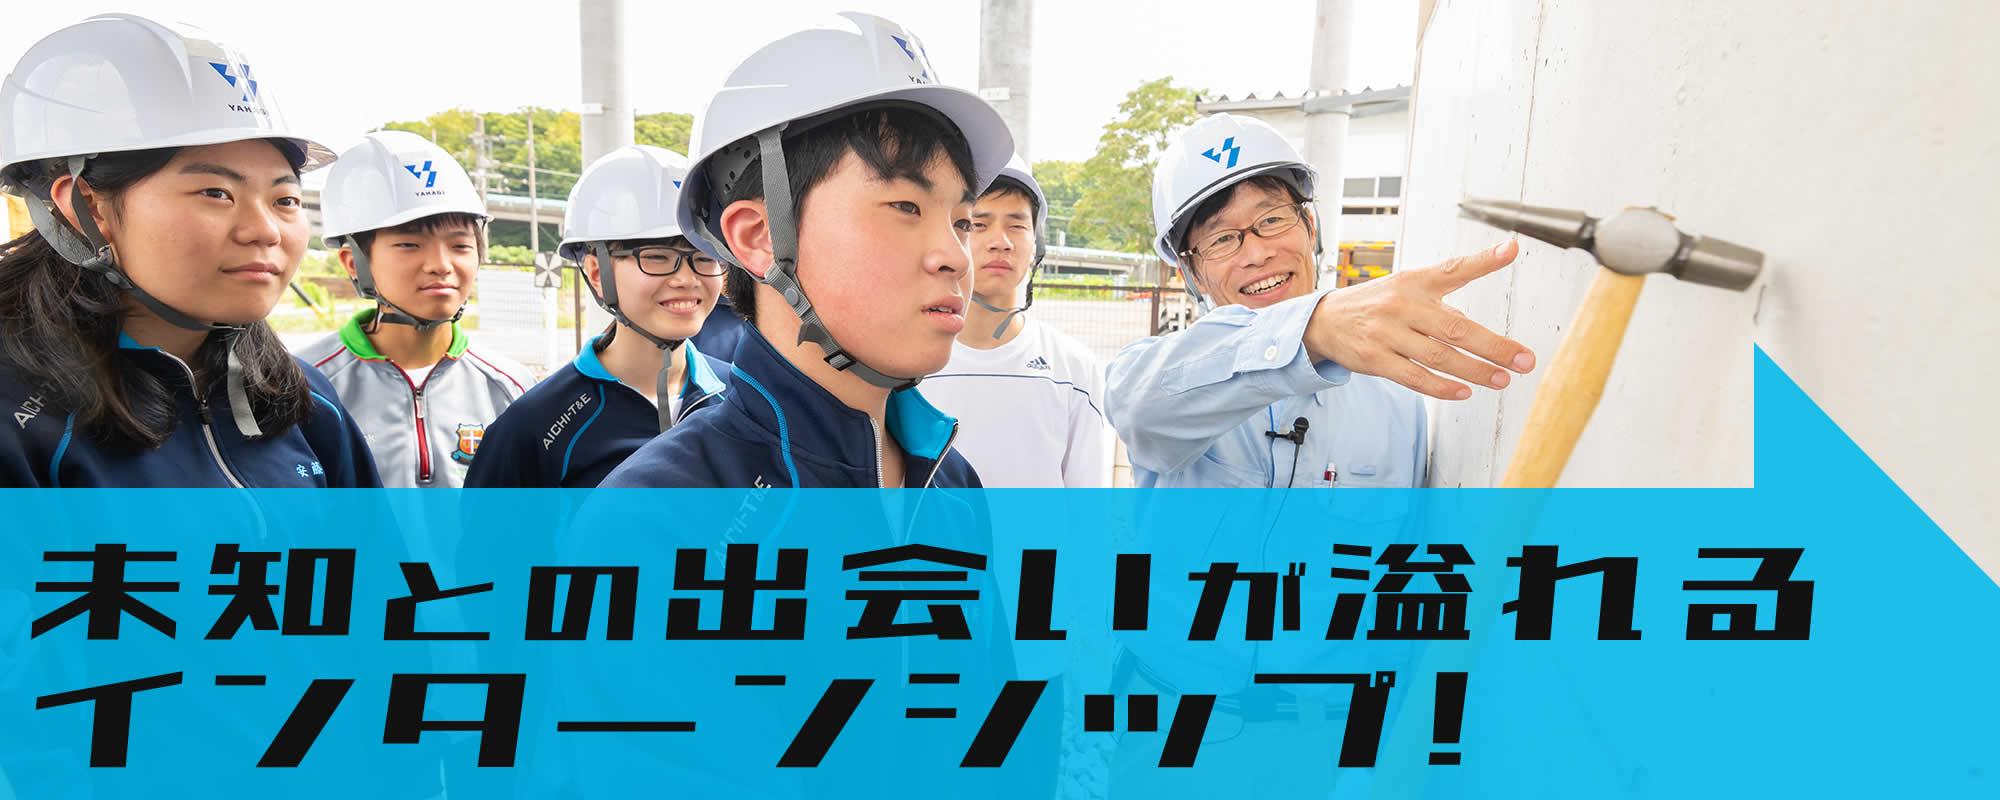 【愛知県の高校生対象!】マイチャレンジインターンシップ2019